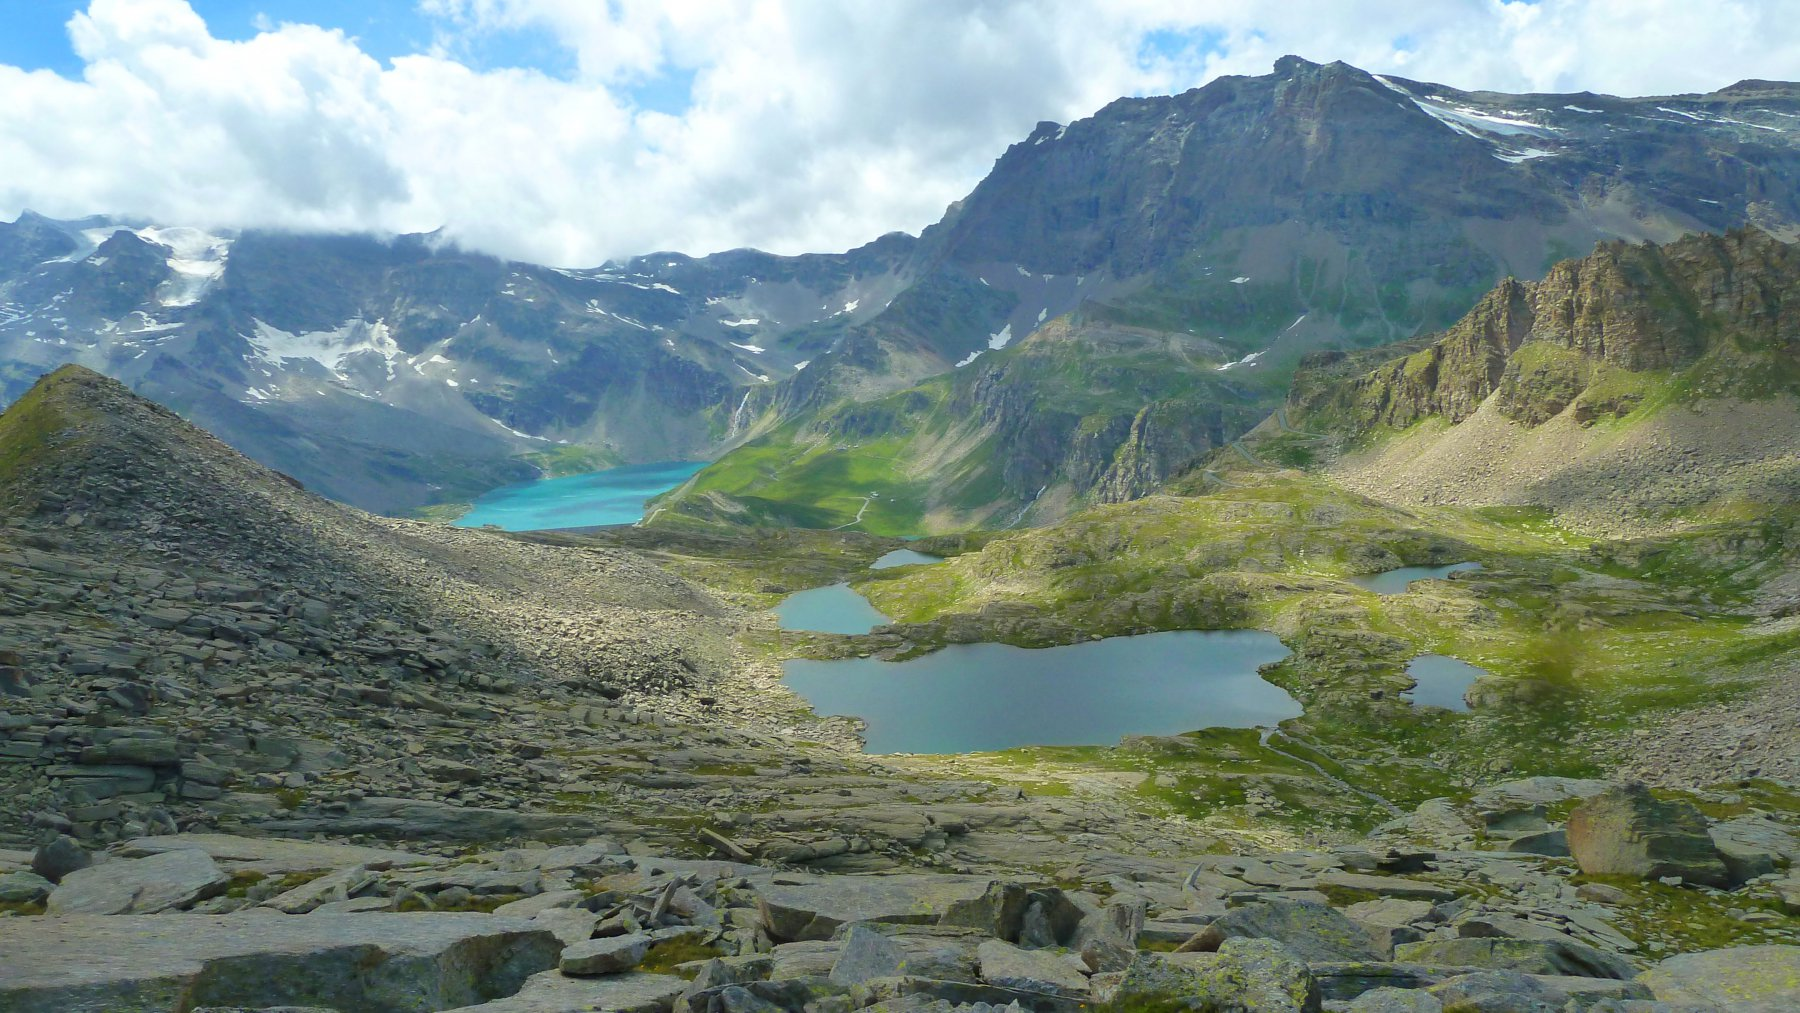 alcuni dei numerosi laghi del ritorno